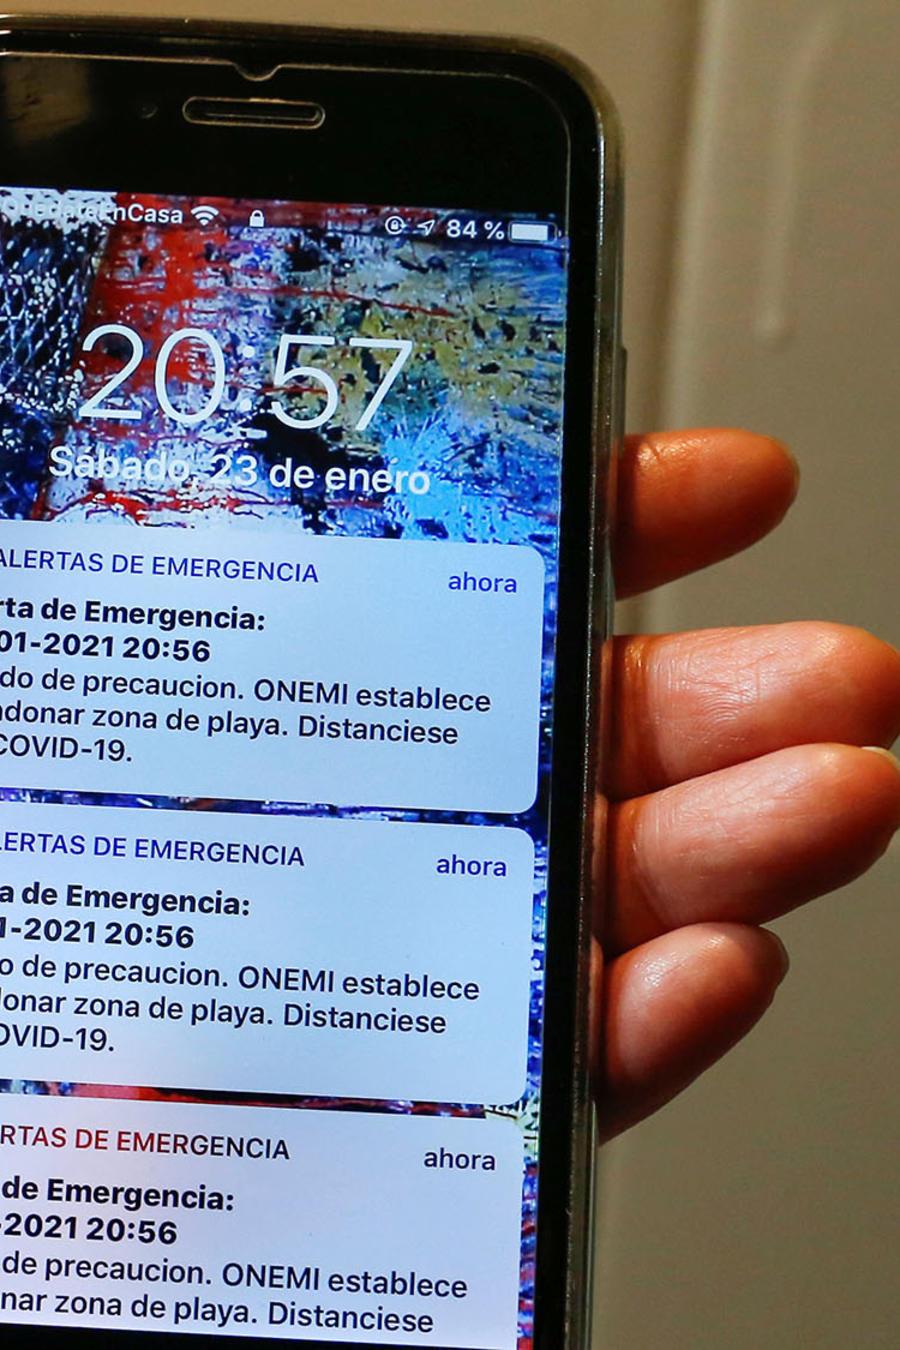 Un mensaje de alerta de tsunami fue enviado por error por la oficina nacional de emergencia, ONEMI, luego de un sismo en el territorio antártico chileno.